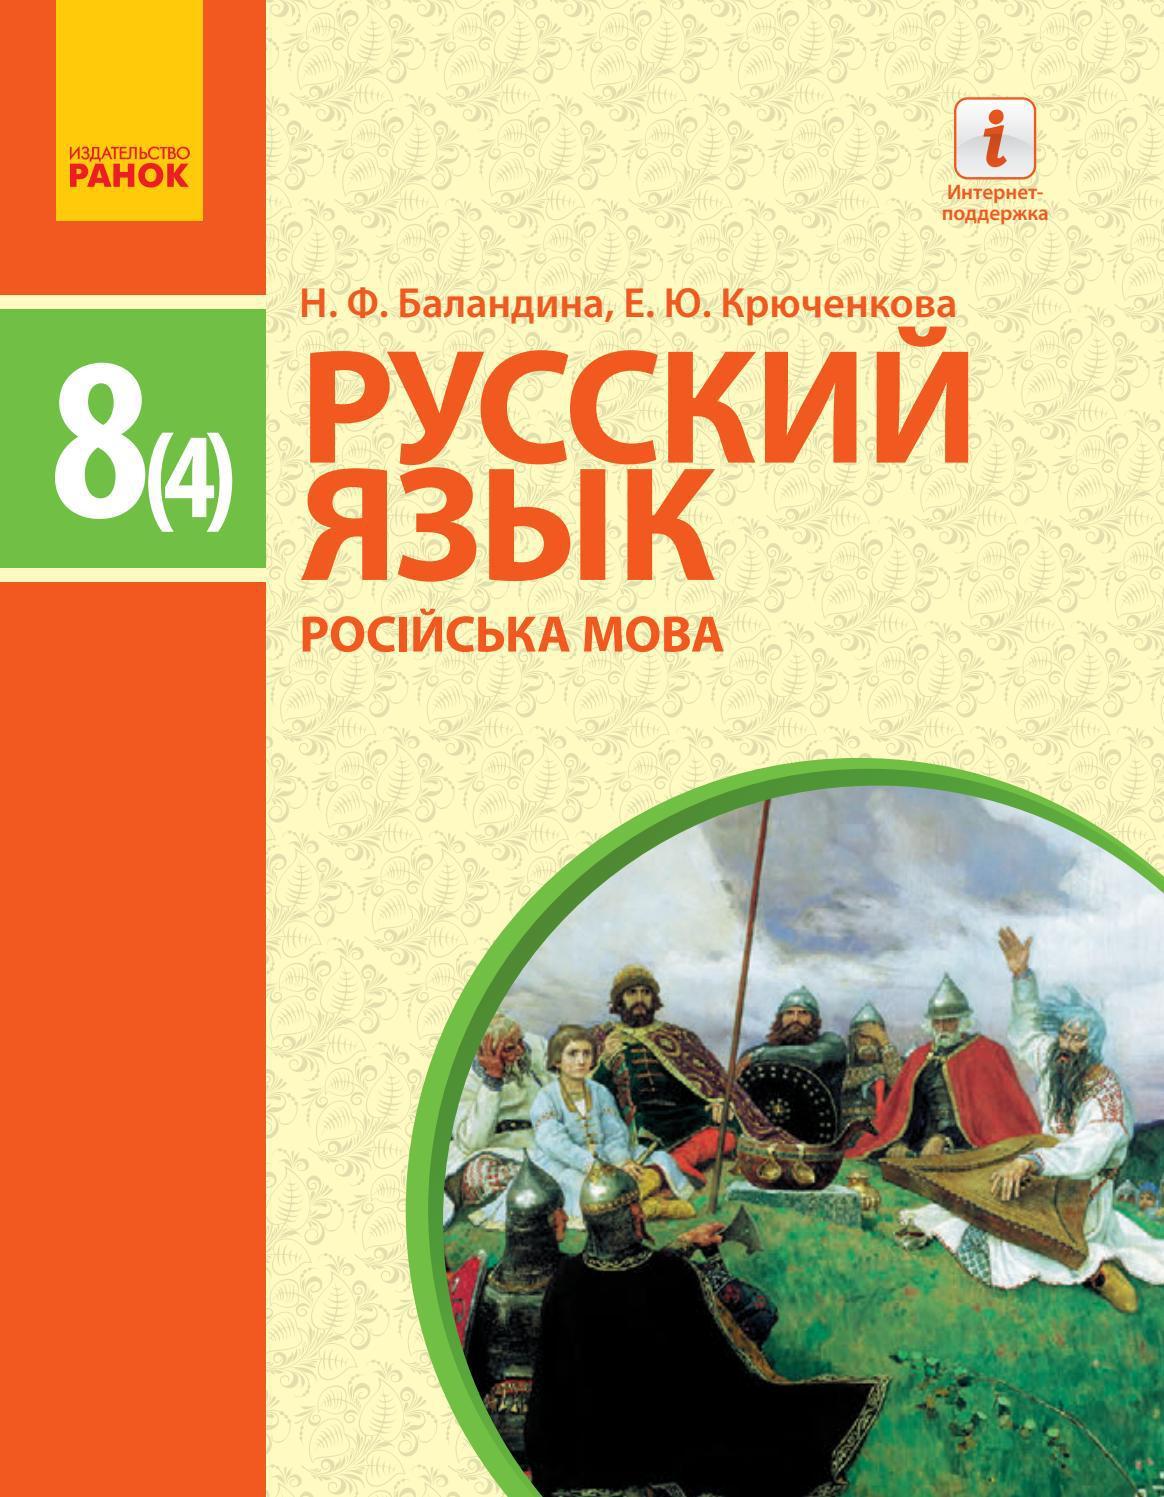 Російська мова 8 клас Баландина 2016 4-й рік